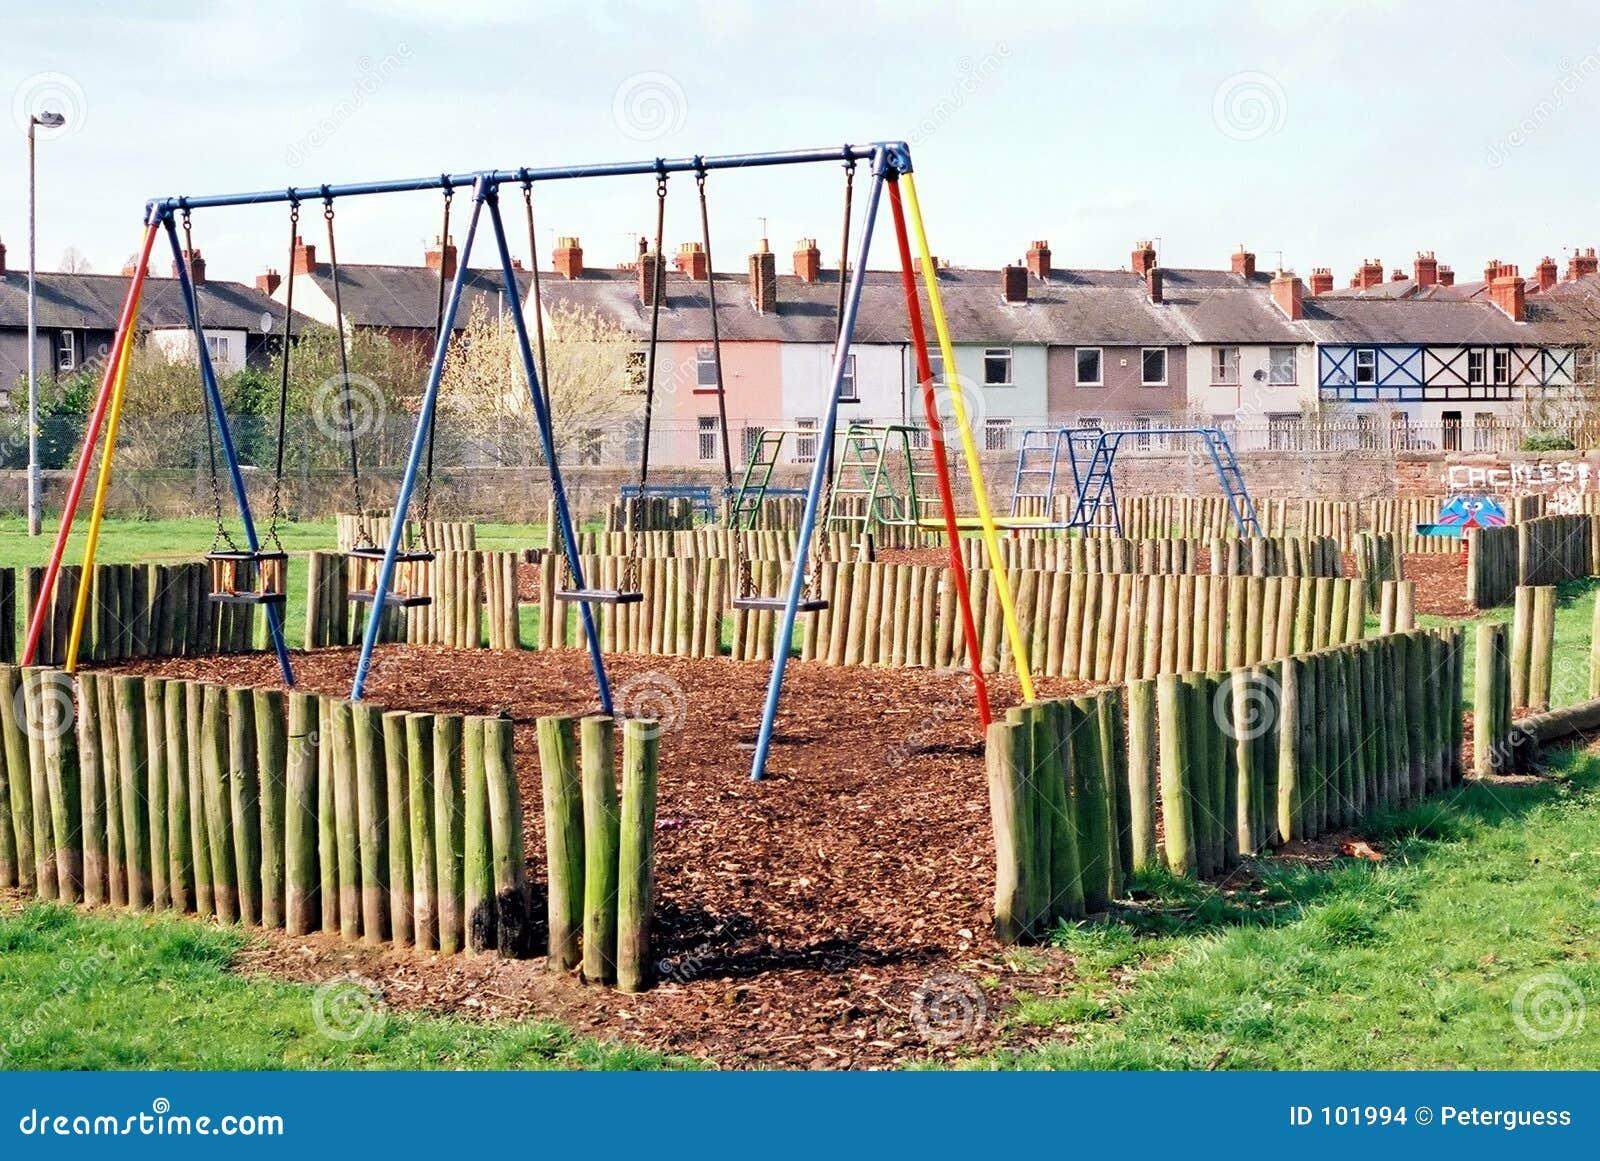 Balanços do parque - campo de jogos das crianças